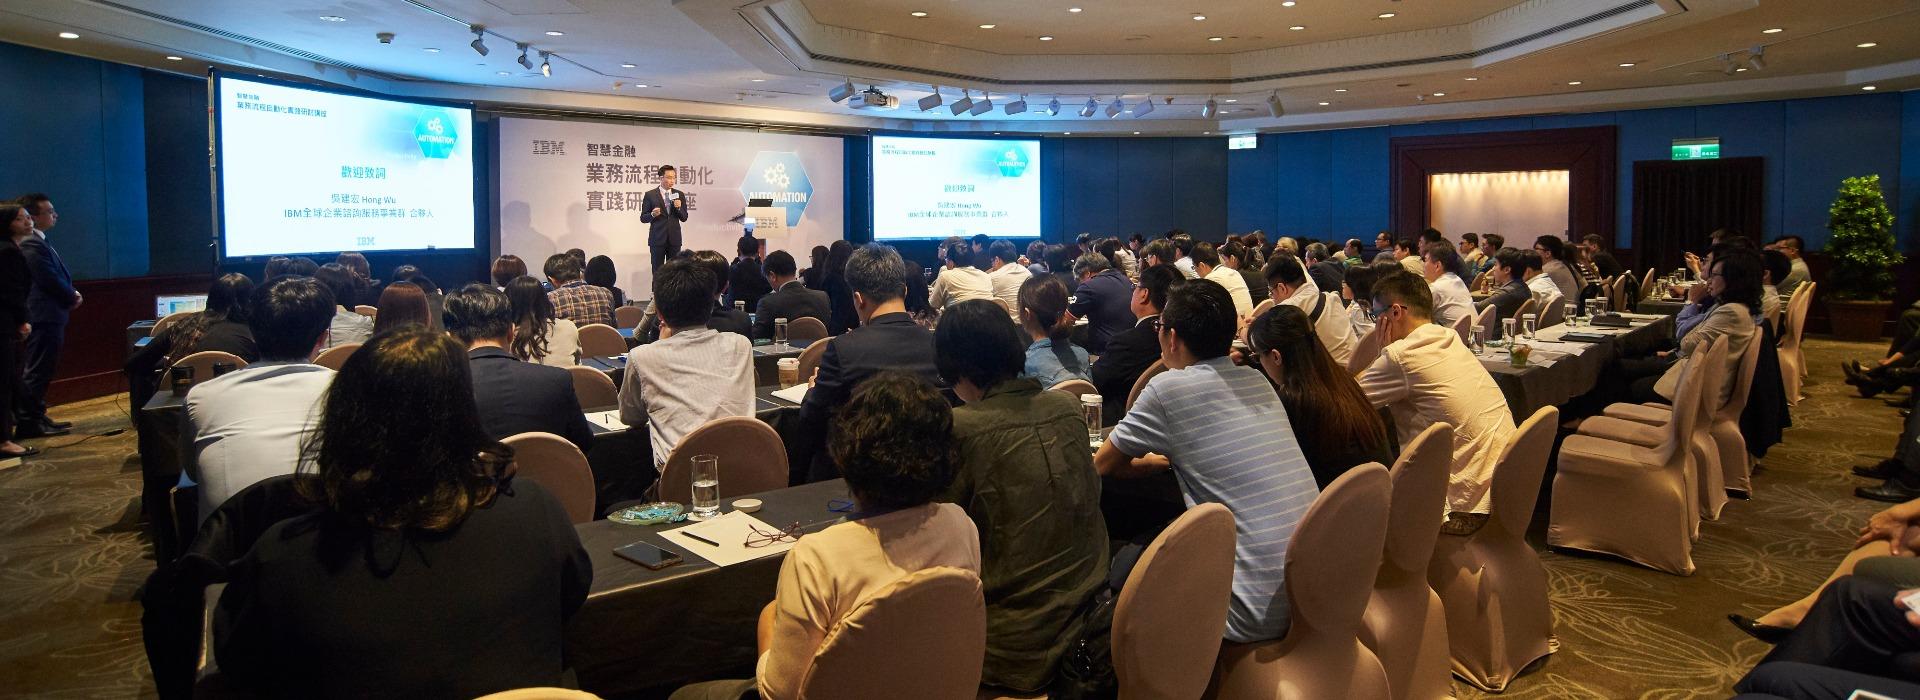 智慧金融轉型 亞洲大型銀行怎麼做?